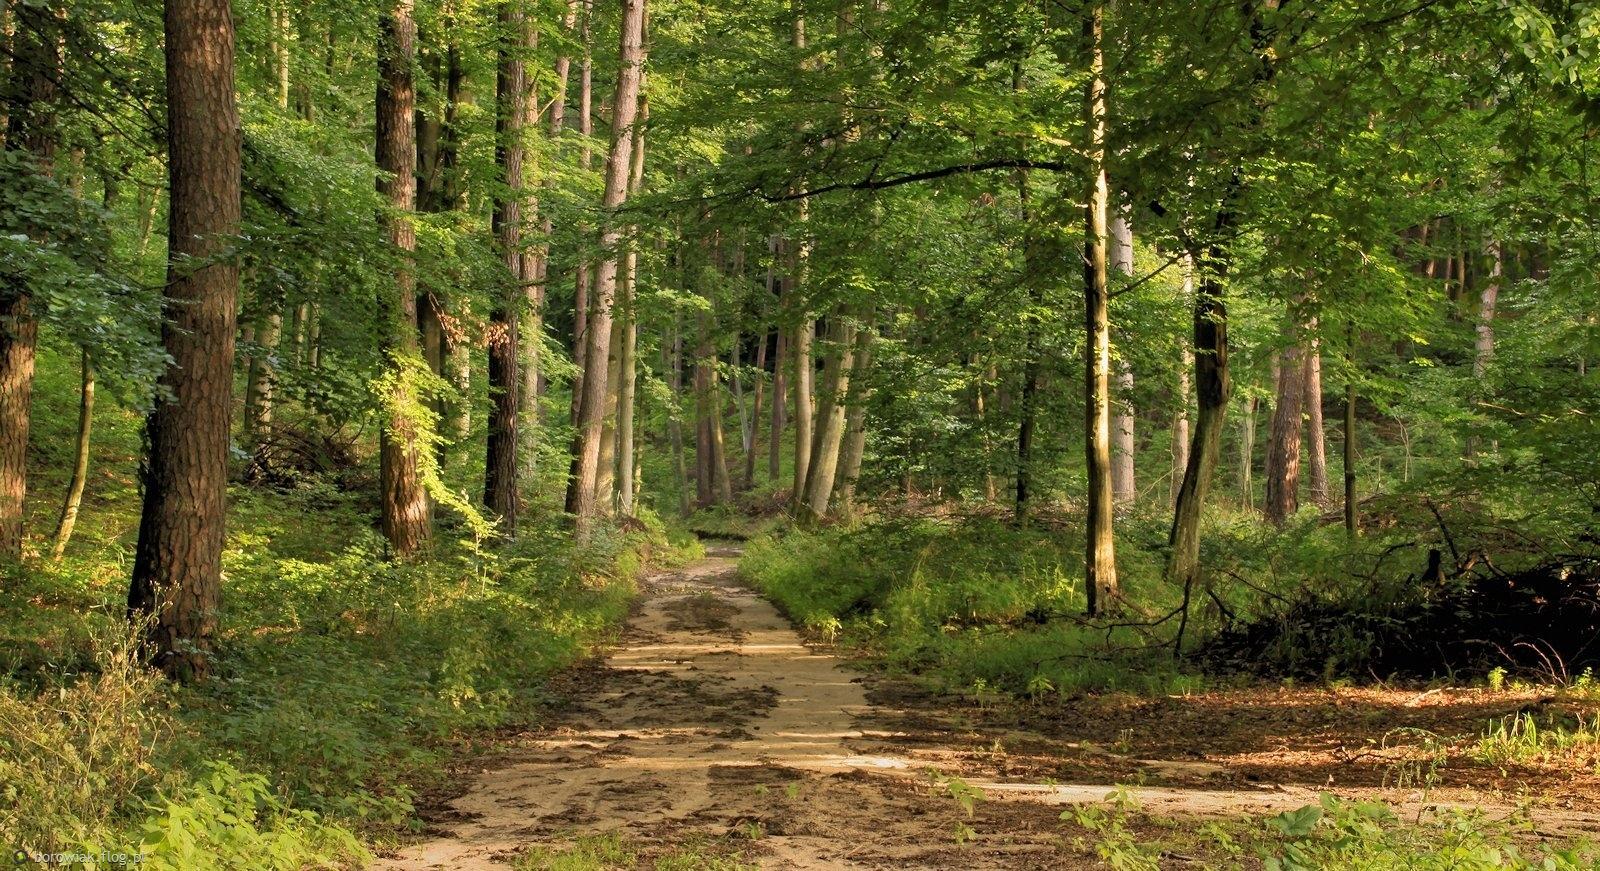 Chociaż mokro, chociaż woda spływa, czas w las...